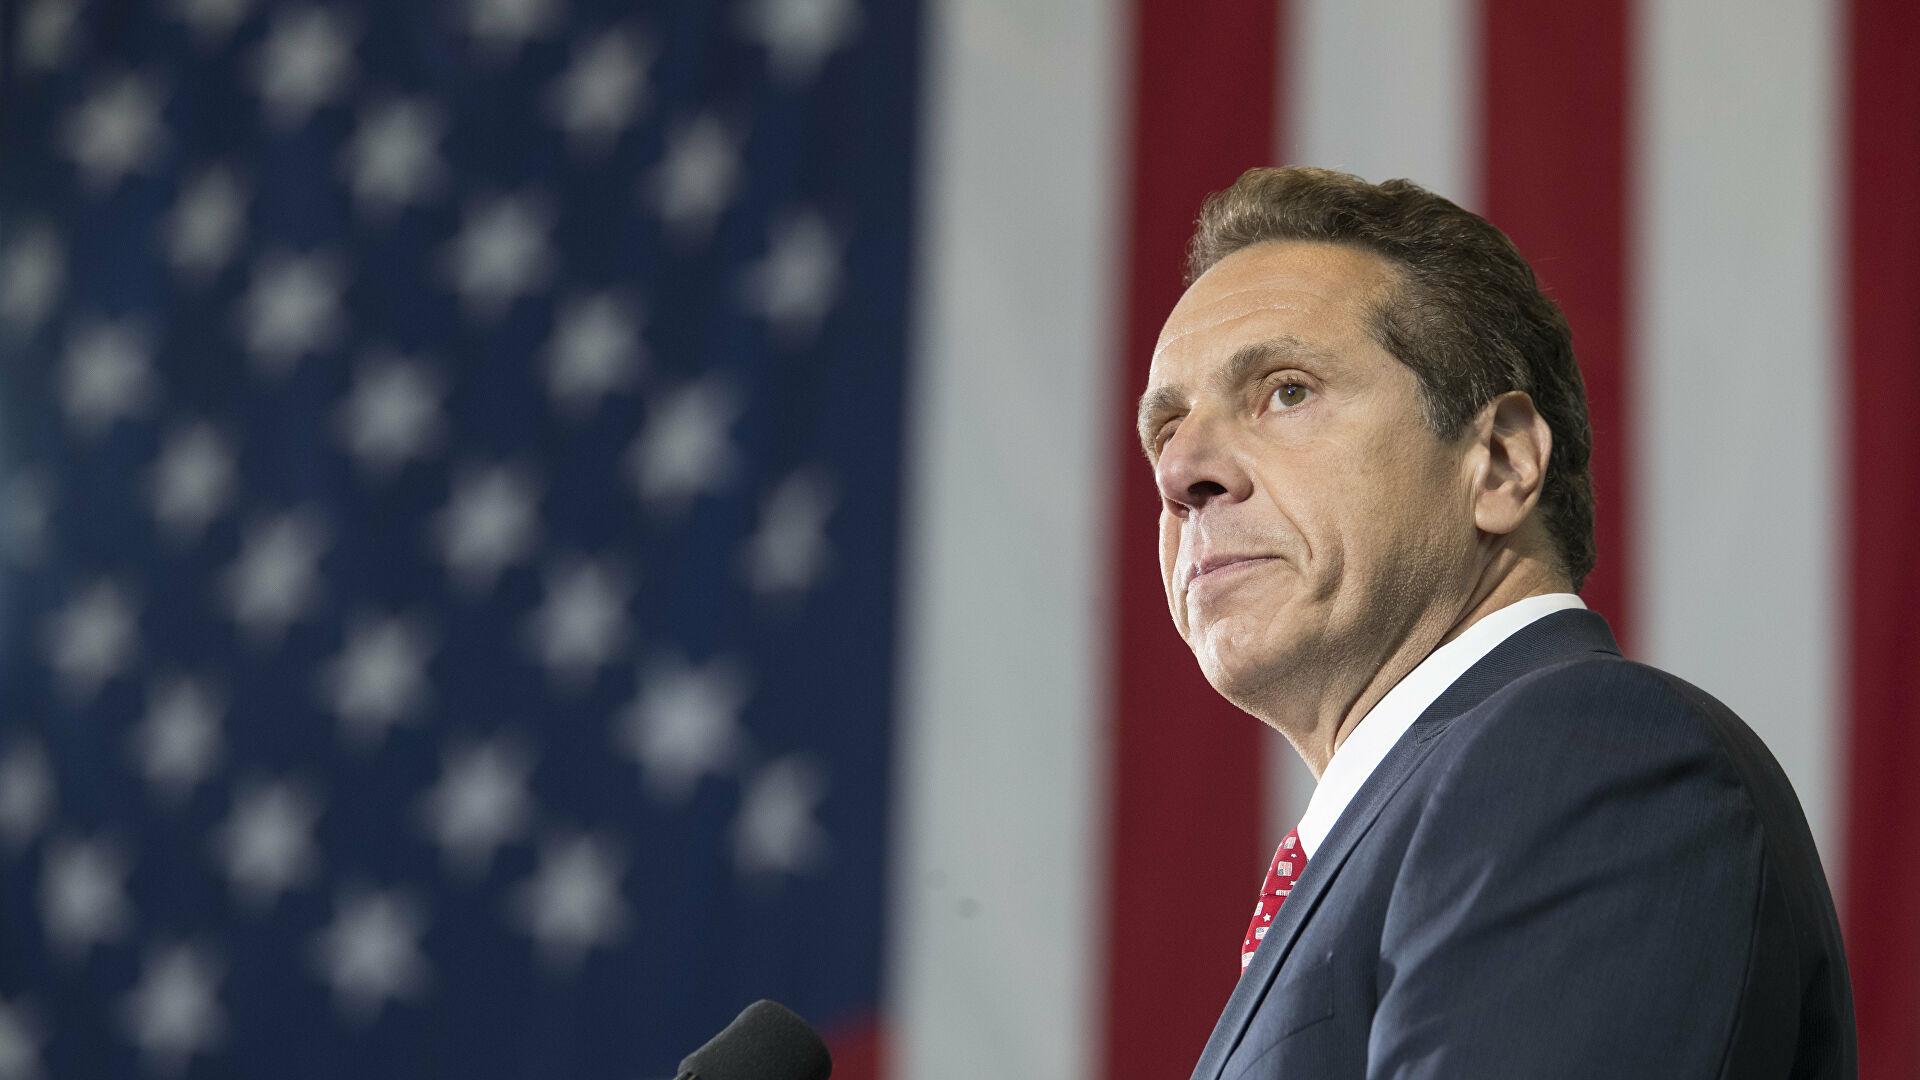 Губернатор Нью-Йорка Ендрю Куомо сексуально домагався 11 жінок, – прокурор